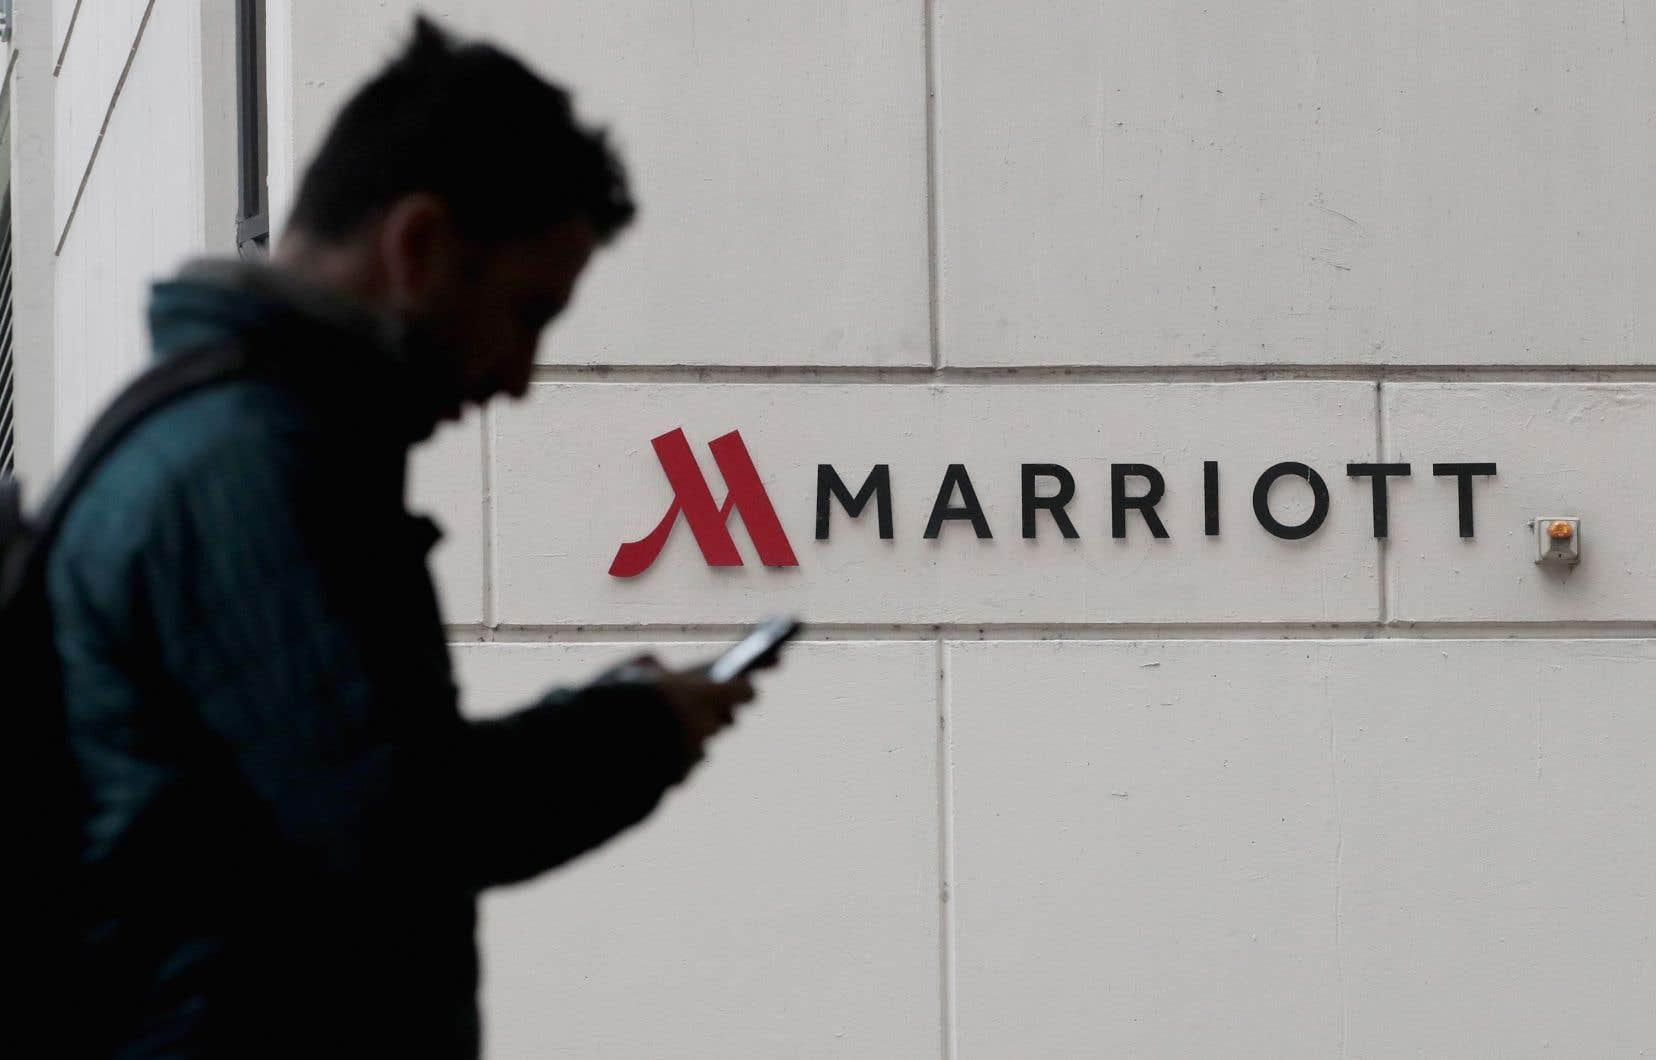 En novembre, le groupe Marriott International avait révélé que le système de réservations de Starwood avait fait l'objet d'une intrusion depuis 2014, un piratage dont jusqu'à 383millions de personnes pourraient avoir été victimes.